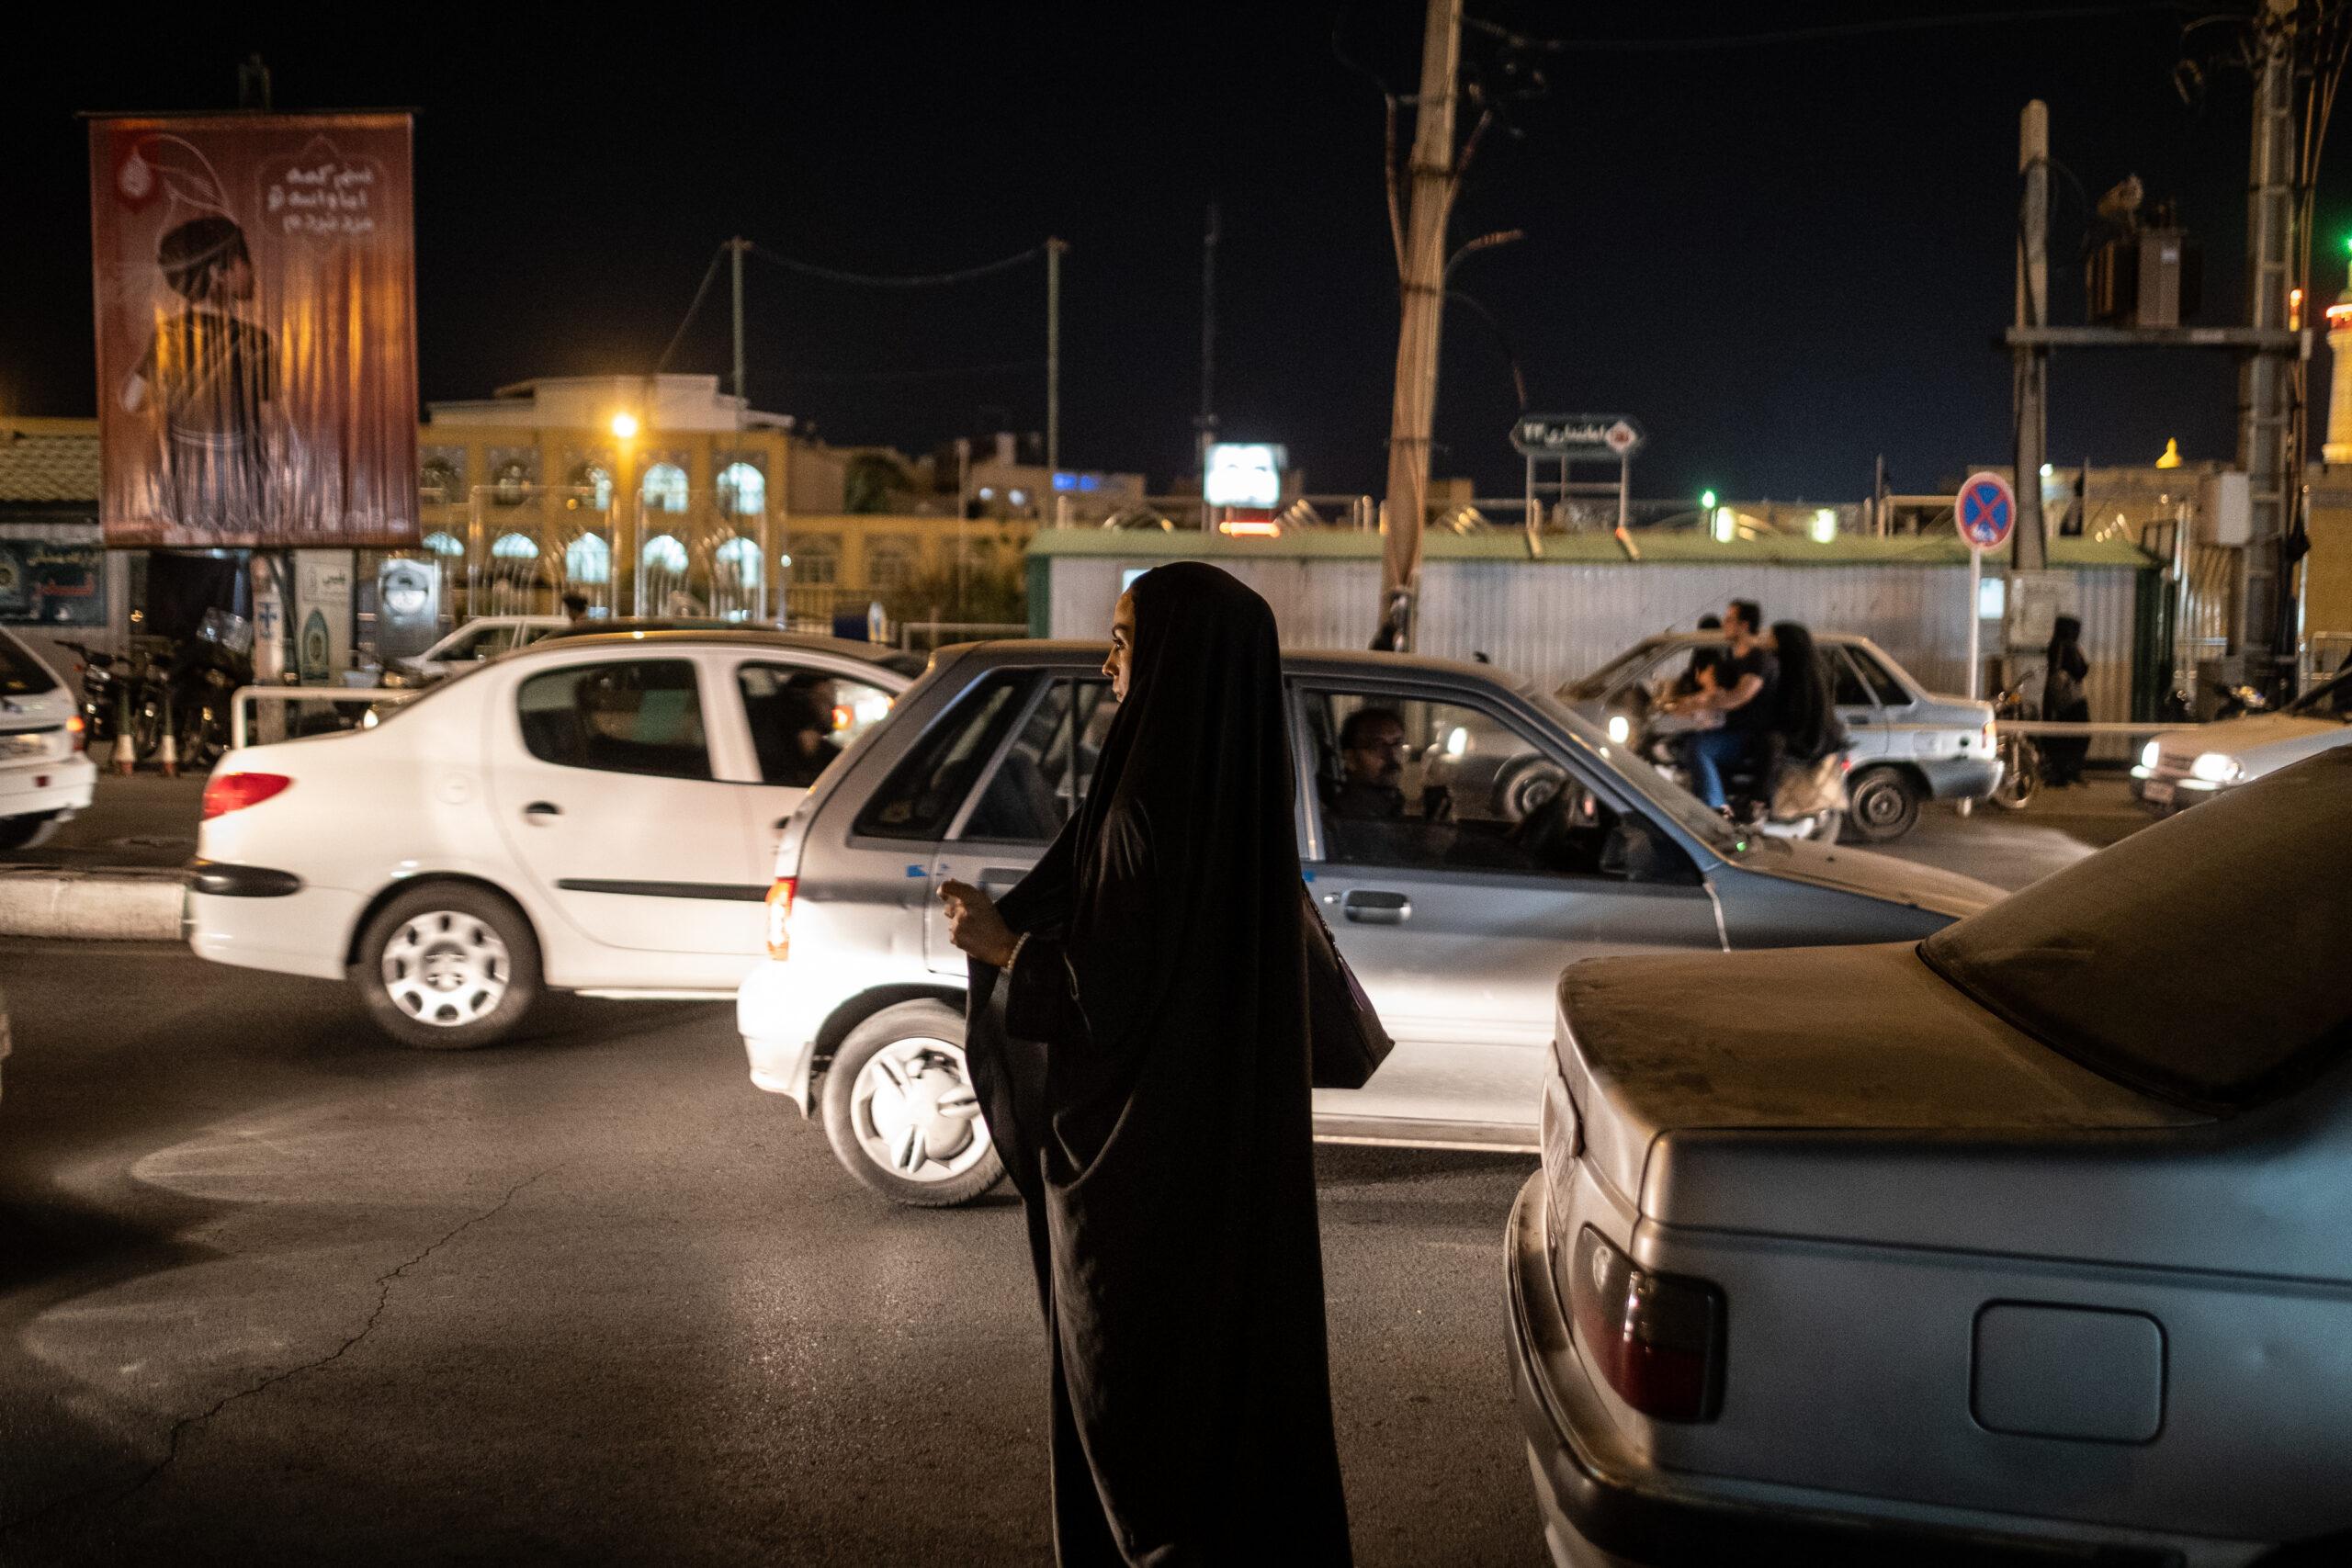 Segundo Premio. Categoría: Mejor trabajo en el exterior (Serie). Un mujer vistiendo un chador espera a un taxi en la calle principal de la ciudad de Qom. El hecho de ver a una mujer sola durante la noche hace que los conductores le increpen desde las ventanas de sus coches. Octubre 9, 2019. Qom, Irán.   Reza Shah prohibió el uso del chador en 1936 dentro su política de occidentalización del país. Esa prohibición se relajó bajo el reinado de El Shah Mohammad Reza Pahlaví. En la actualidad la revolución iraní ve el chador conforme al código de vestimenta islámico. El chador es un instrumento de salvaguarda de la identidad nacional y religiosa frente a la occidentalización. La república islámica de Irán promociona el uso de esta prenda y en ciertos ámbitos la impone.  El chador es un símbolo de la revolución iraní que choca frontalmente con el pensamiento de los más jóvenes del país. La presencia de las mujeres en todas las esferas sociales y su alto nivel de preparación, facilita la reivindicación de sus derechos todavía postergados por la tradición islámica. Andrés Gutiérrez